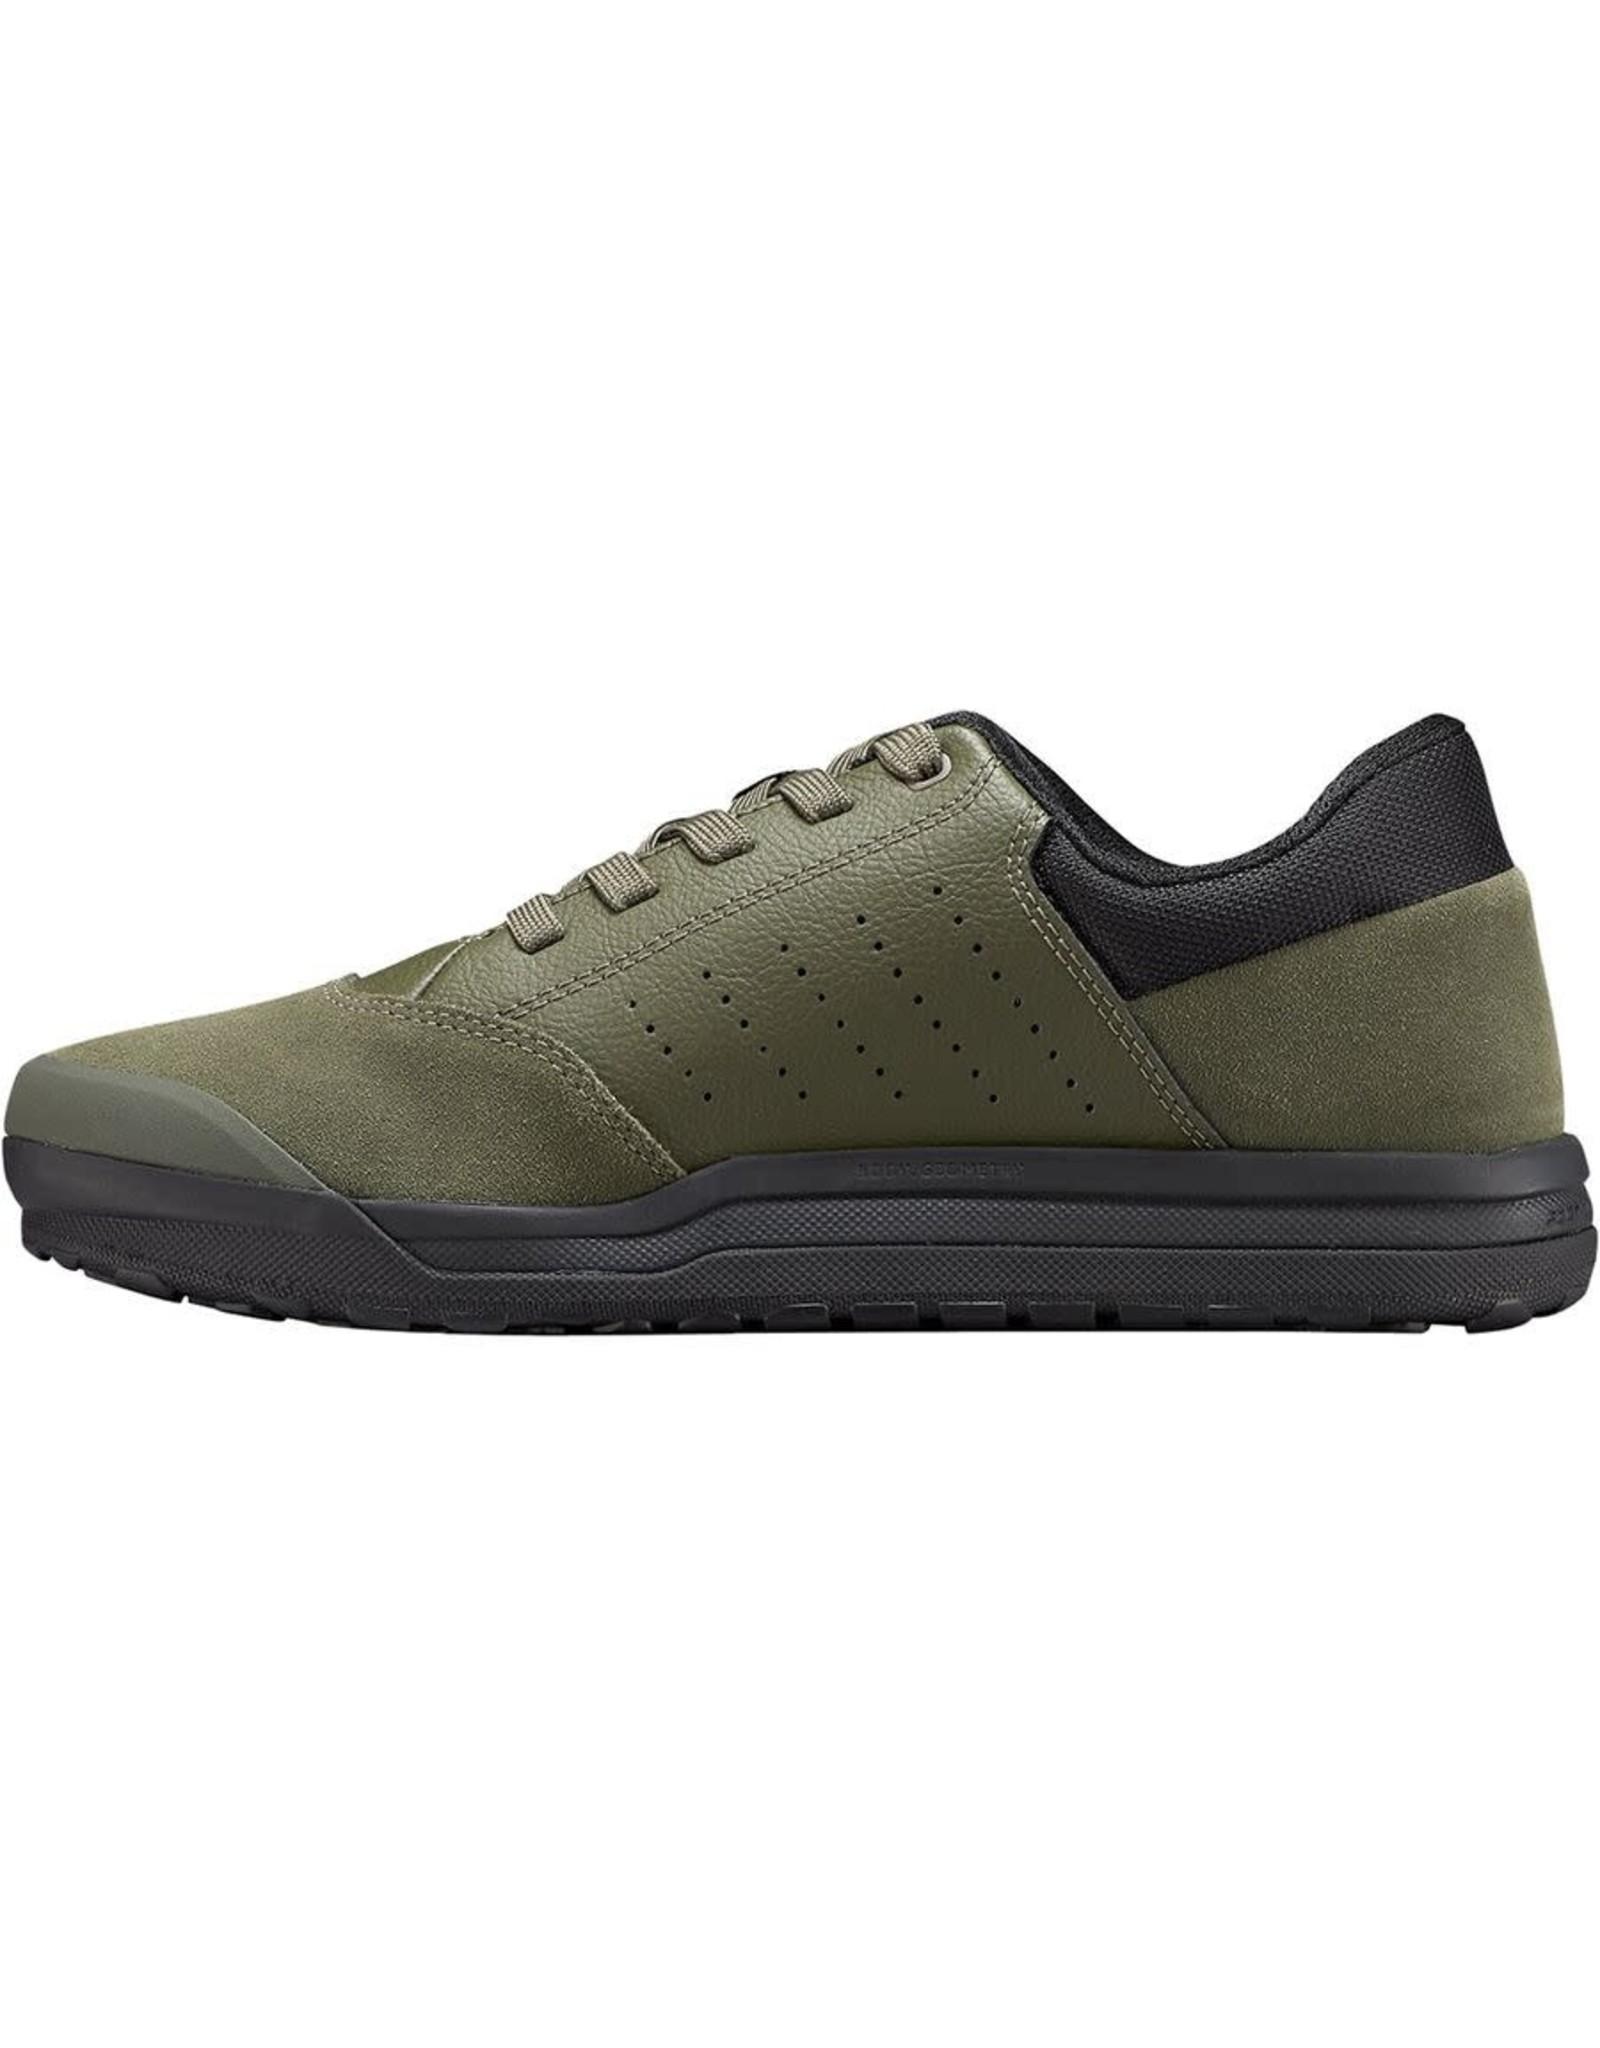 Specialized Shoe Spec 2FO Roost Flat SOakGrn 45